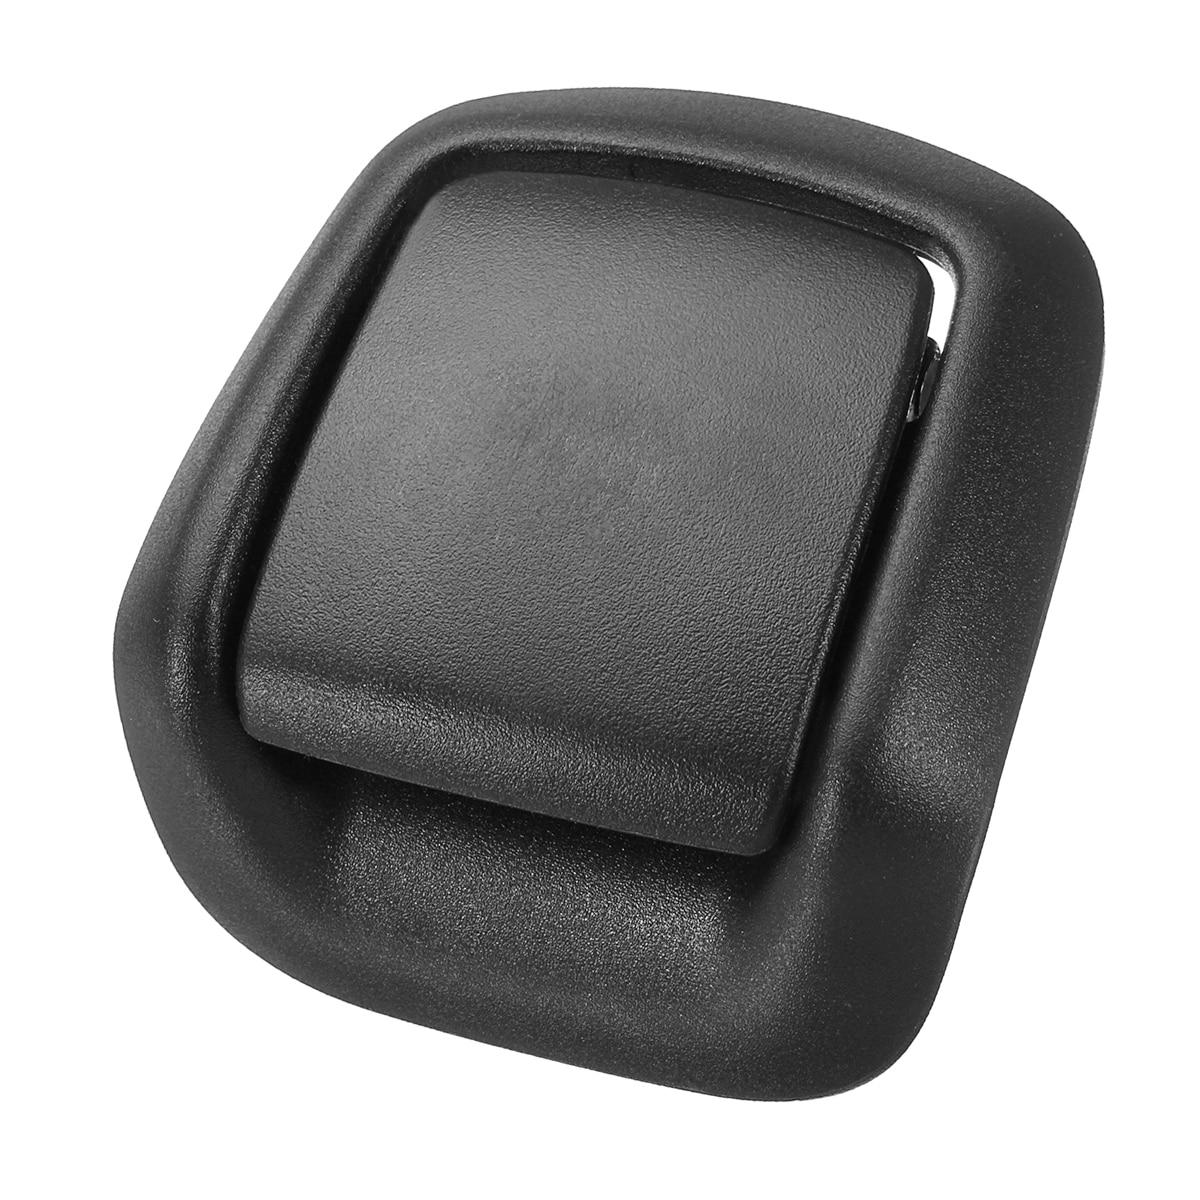 Передний левый/правый ручной сиденье наклона ручки регулировки сиденья ручка для Ford Fiesta MK6 VI 3 двери 2002- 2008 1417521 ...